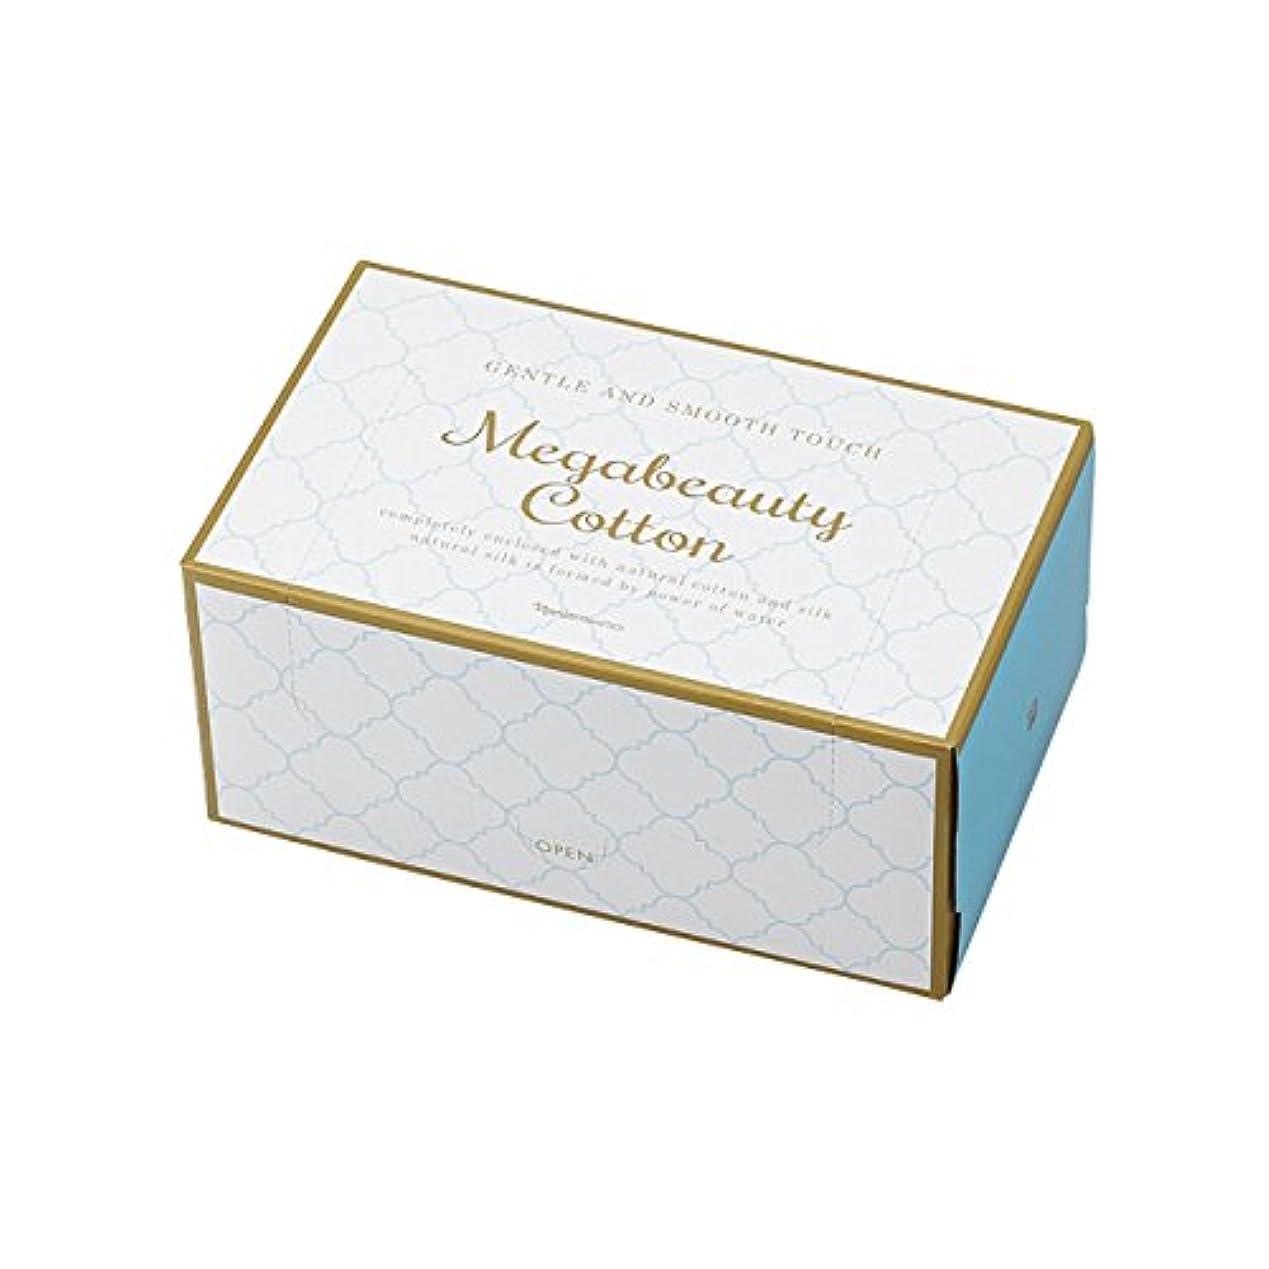 ワイヤー受け継ぐシロクマナリス化粧品 メガビューティー 美顔器 コットン 80枚入×5個